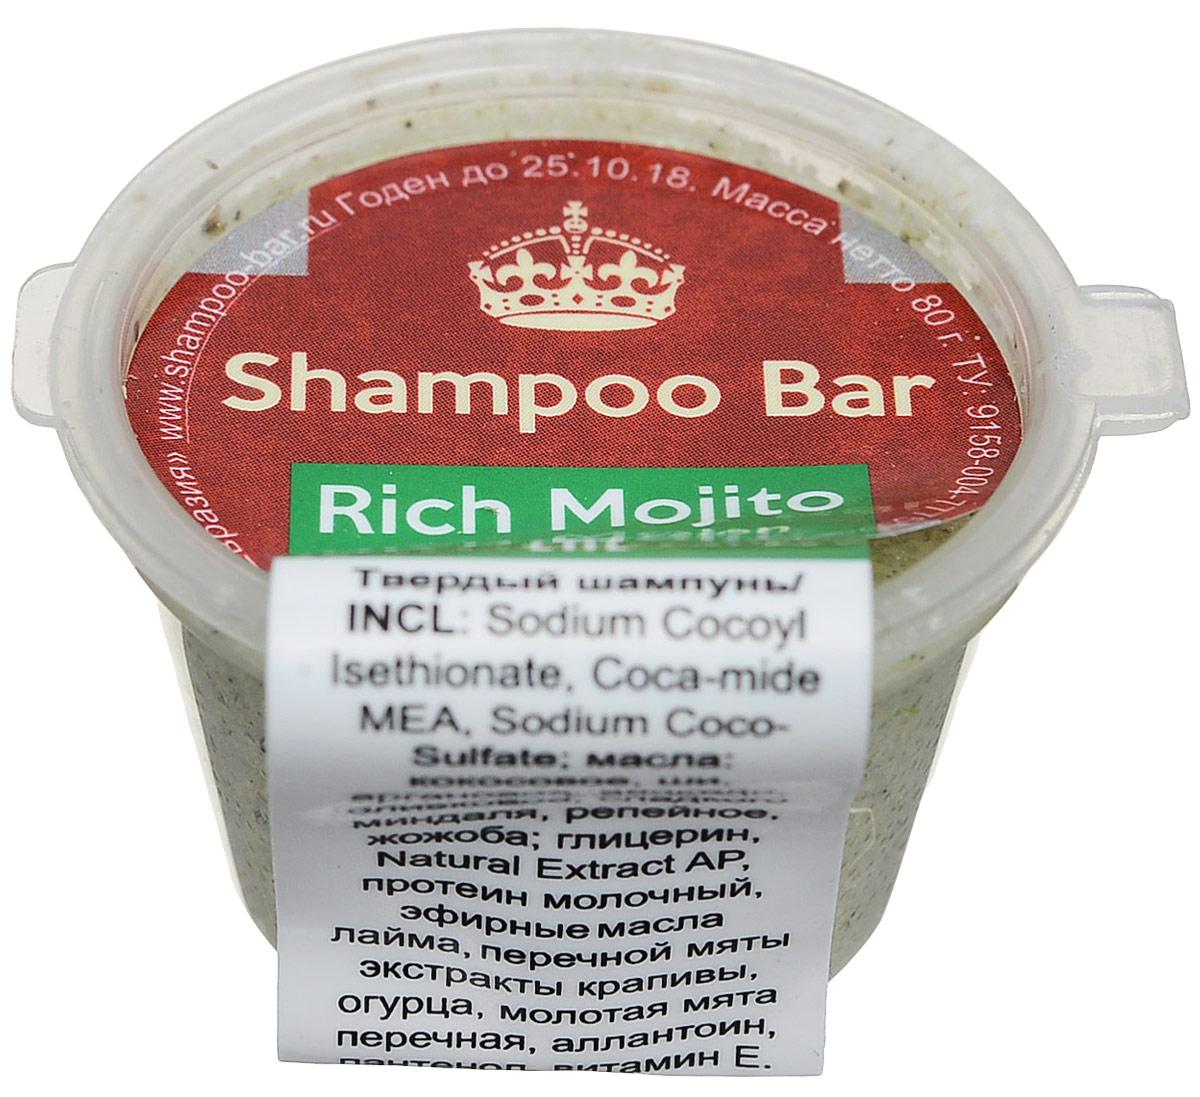 Shampoo Bar Твердый шампунь-объем 6в1 Rich Mojito, с лаймом и мятой, 11 гр72523WDВзрыв свежести, мятно-цитрусовый аромат, тающая текстура и невероятный объем - все это твердый шампунь Rich Mojito! Драгоценные масла ши, арганы и кокоса в сочетании с эфирными маслами лайма и перечной мяты, экстрактами трав и витаминами. Настоящий коктейль из пользы и удовольствия.